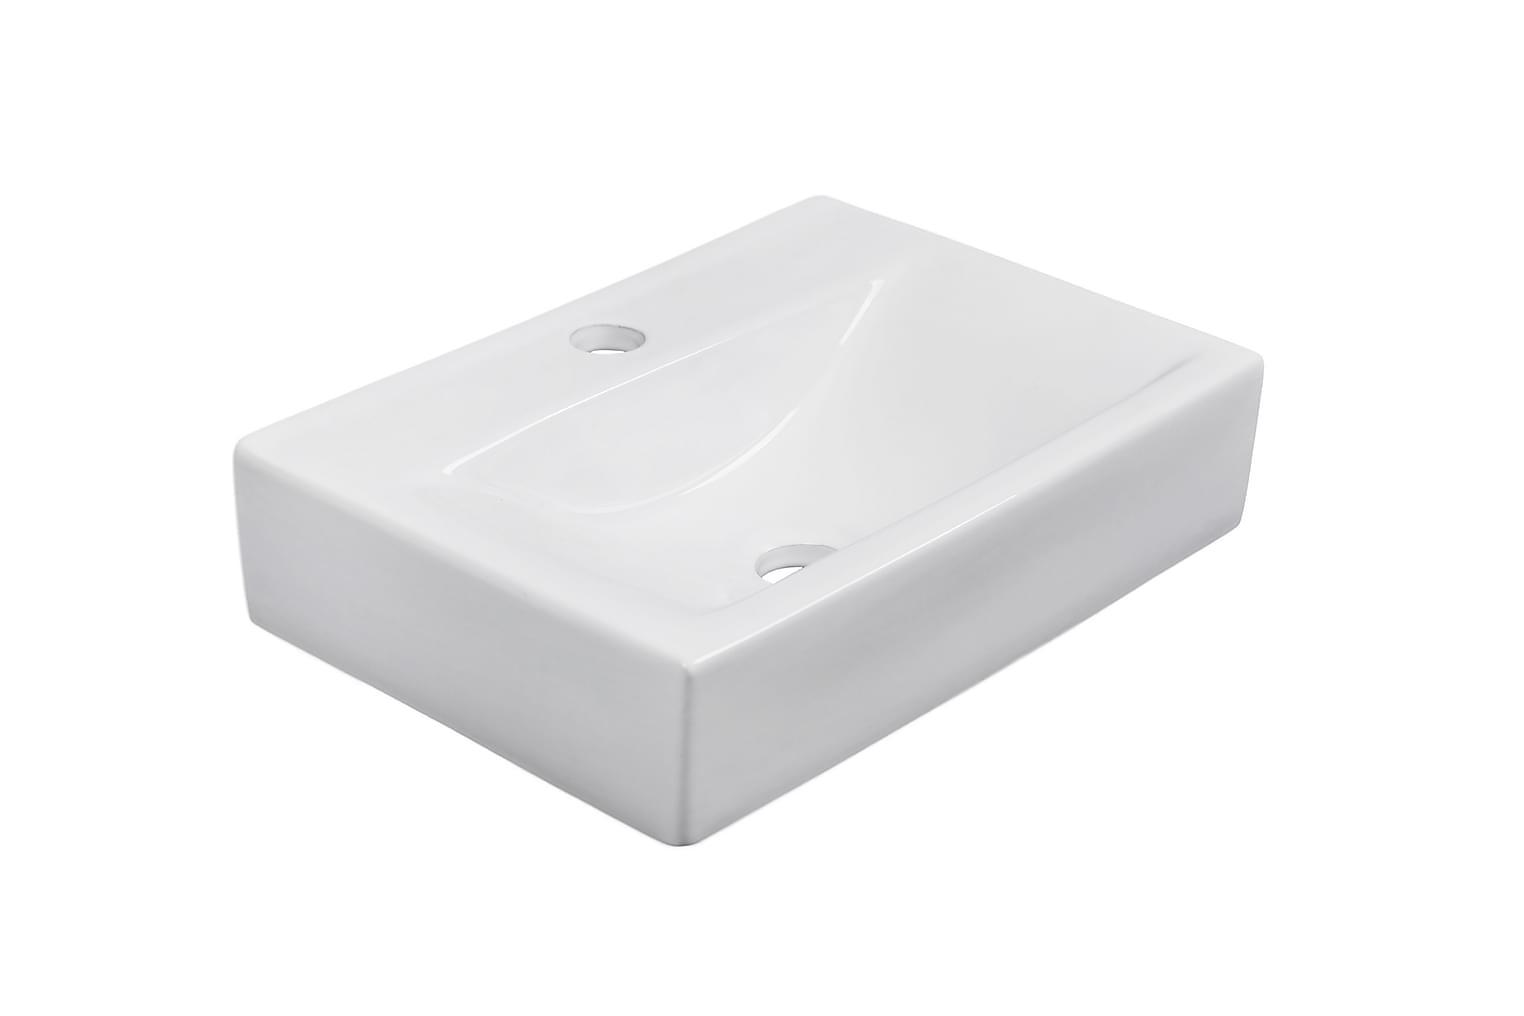 CLEAR Pesuallas Suorakulmainen 45 Valkoinen